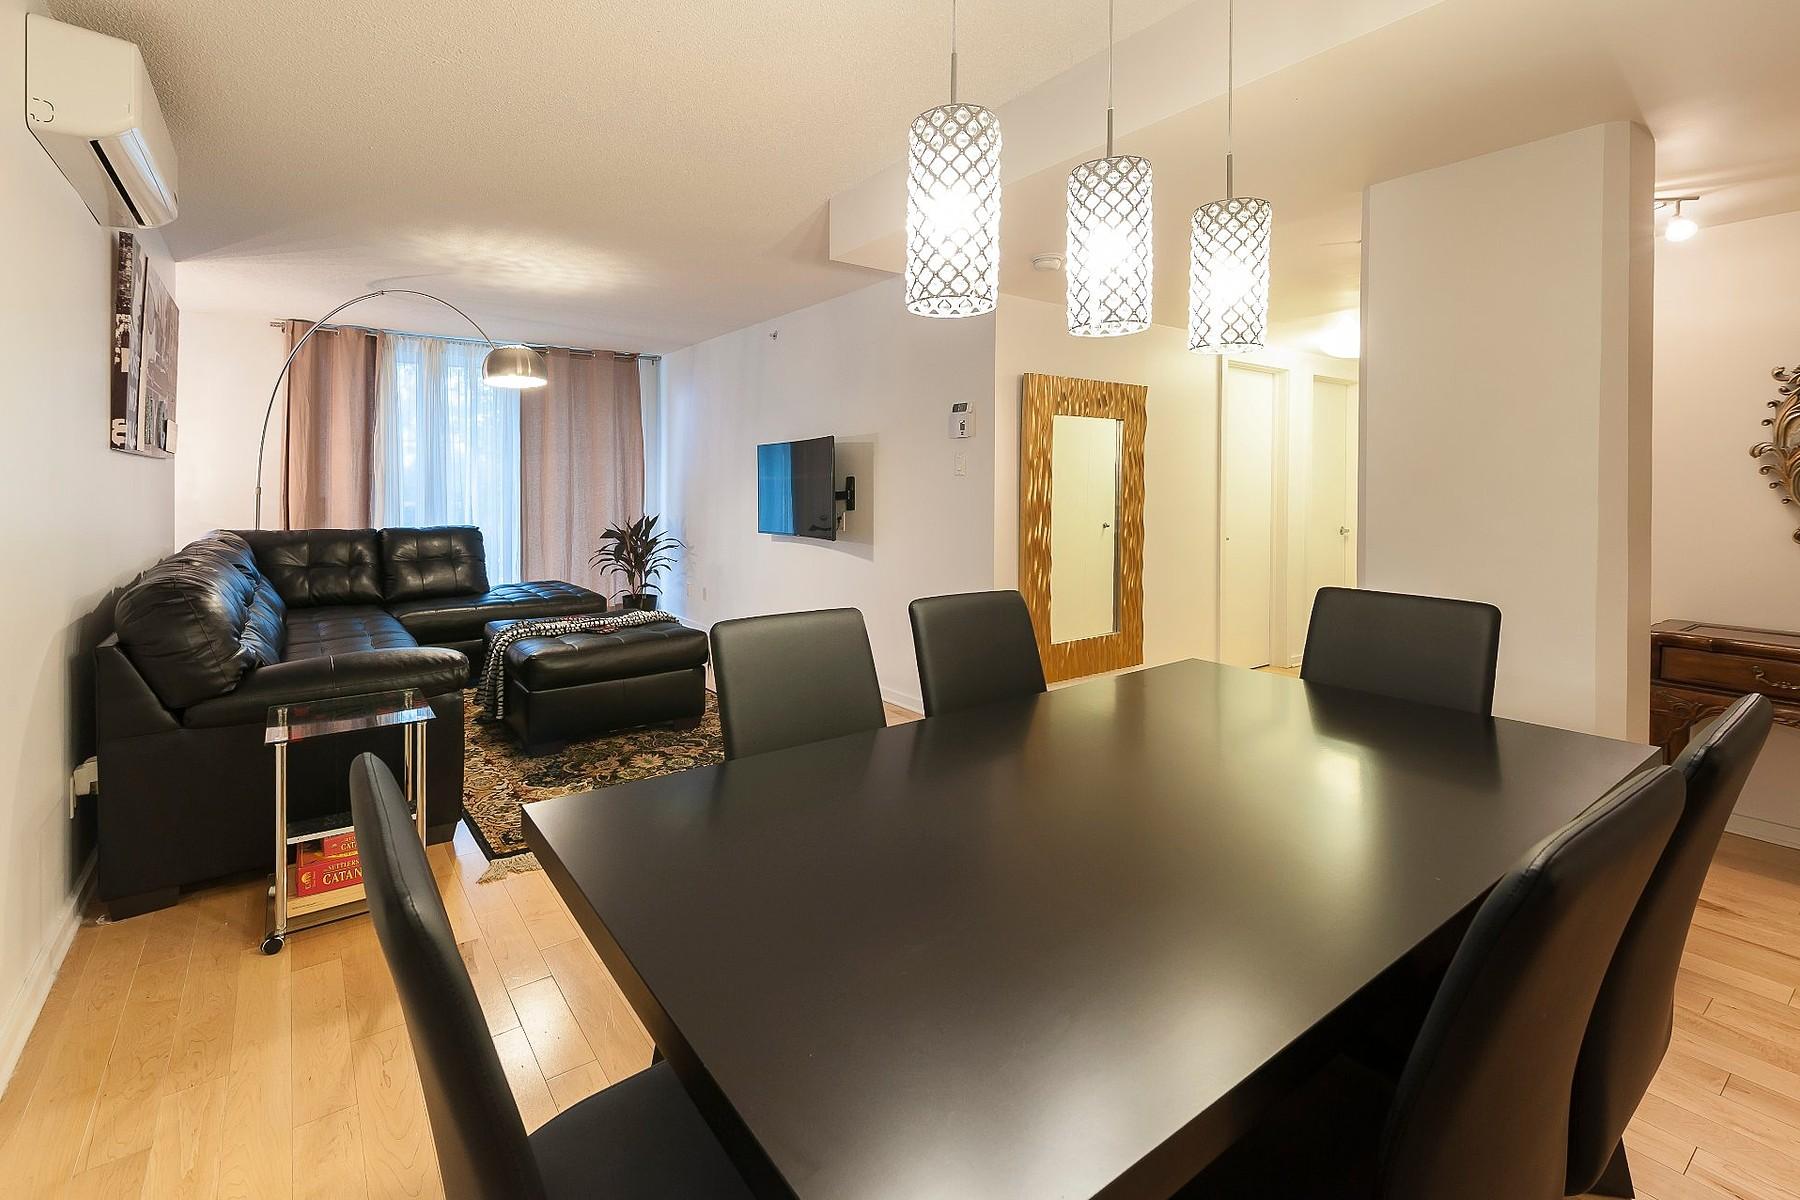 Additional photo for property listing at Côte-des-Neiges  Notre-Dame-de-Grâce, Montréal 4950 Rue de la Savane, Apt. 104 Cote Des Neiges Notre Dame De Grace, Quebec H4P1T7 Canada